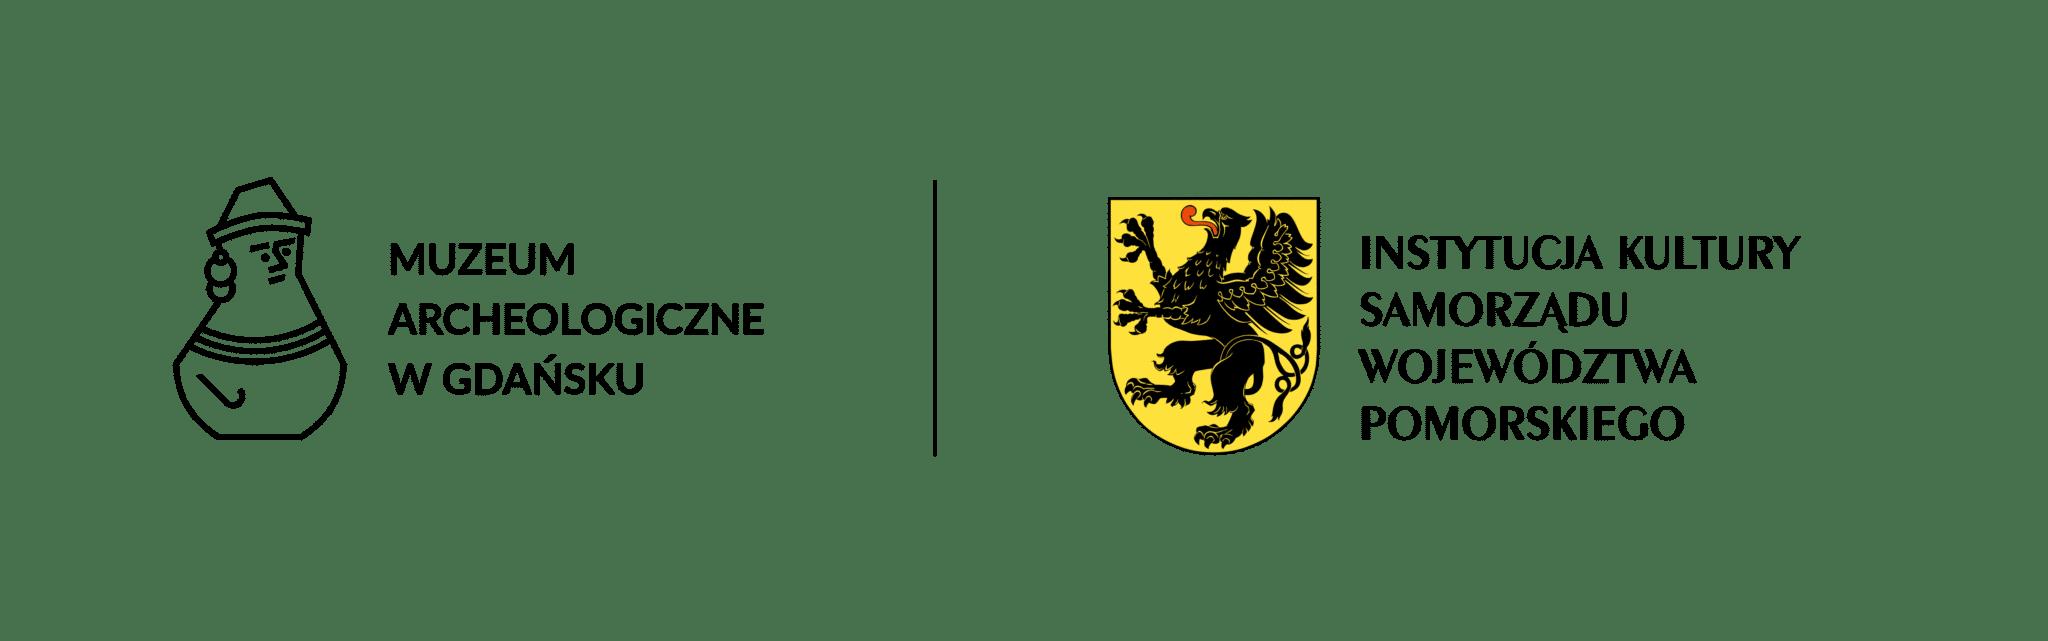 Muzeum Archeologiczne w Gdańsku - logo